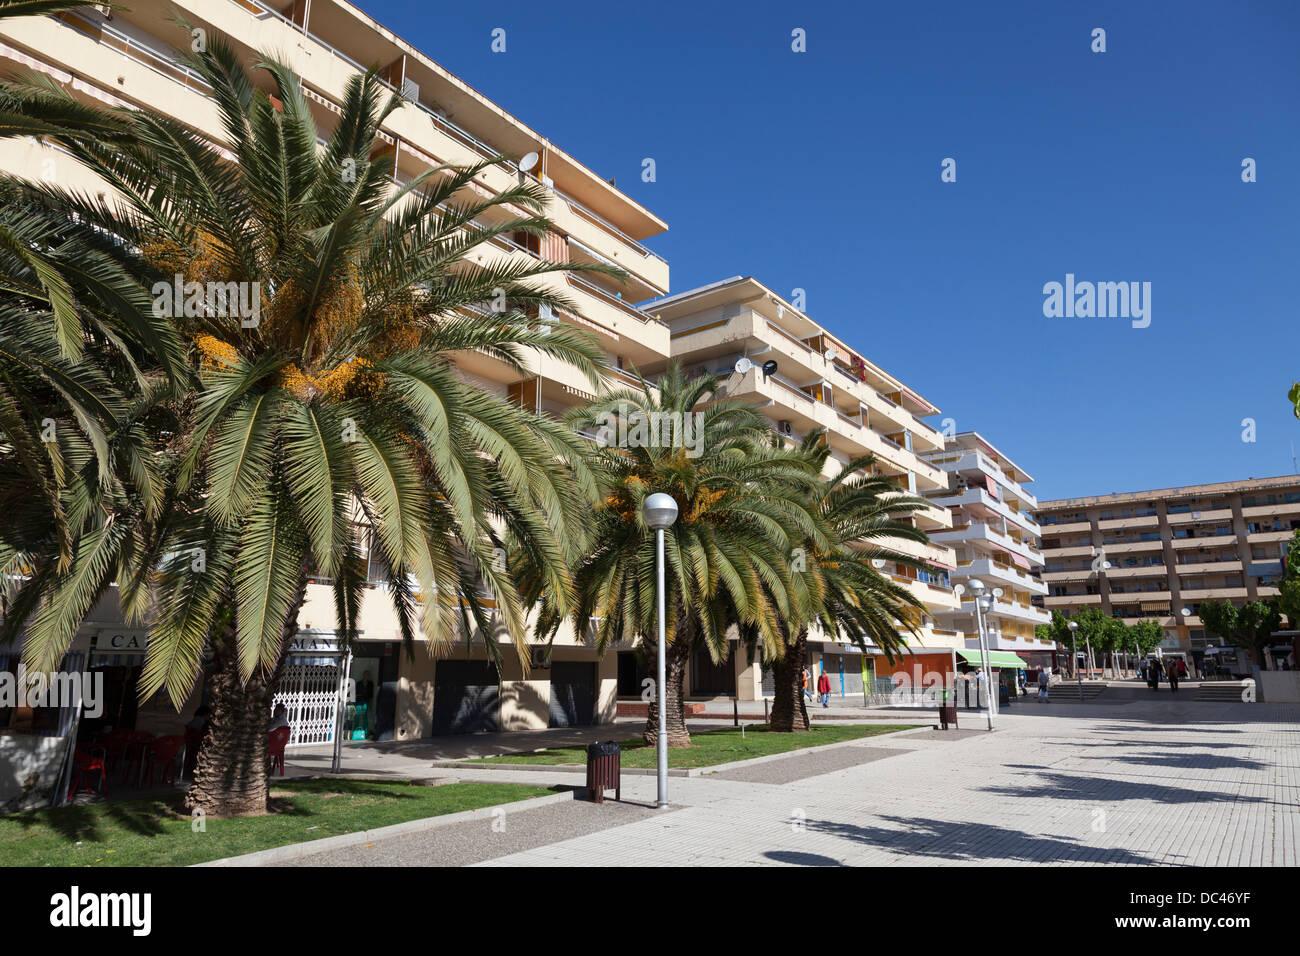 Les immeubles à appartements et de palmiers à Salou Photo Stock